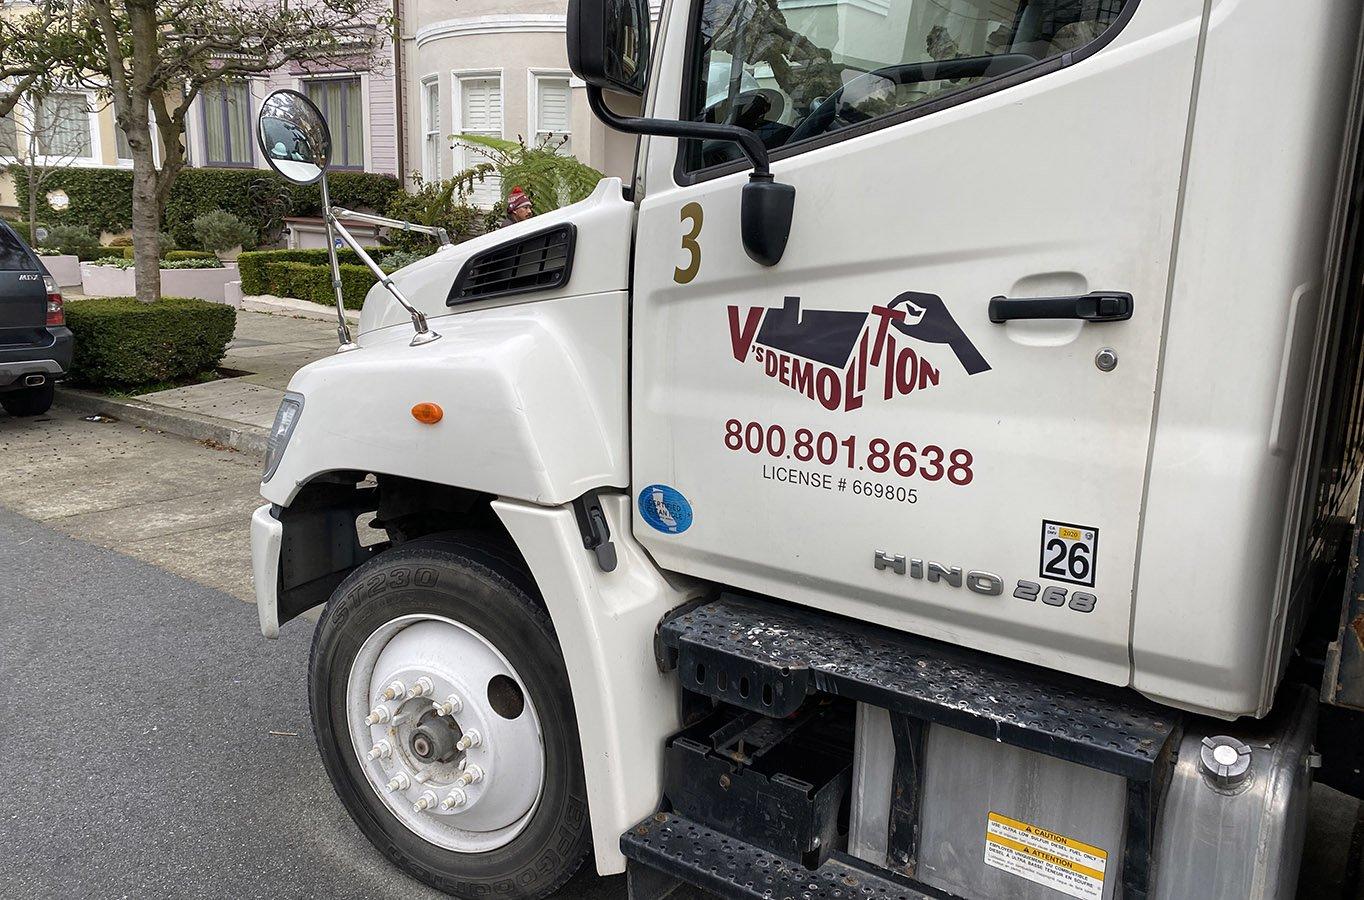 V's Demo vehicle signage